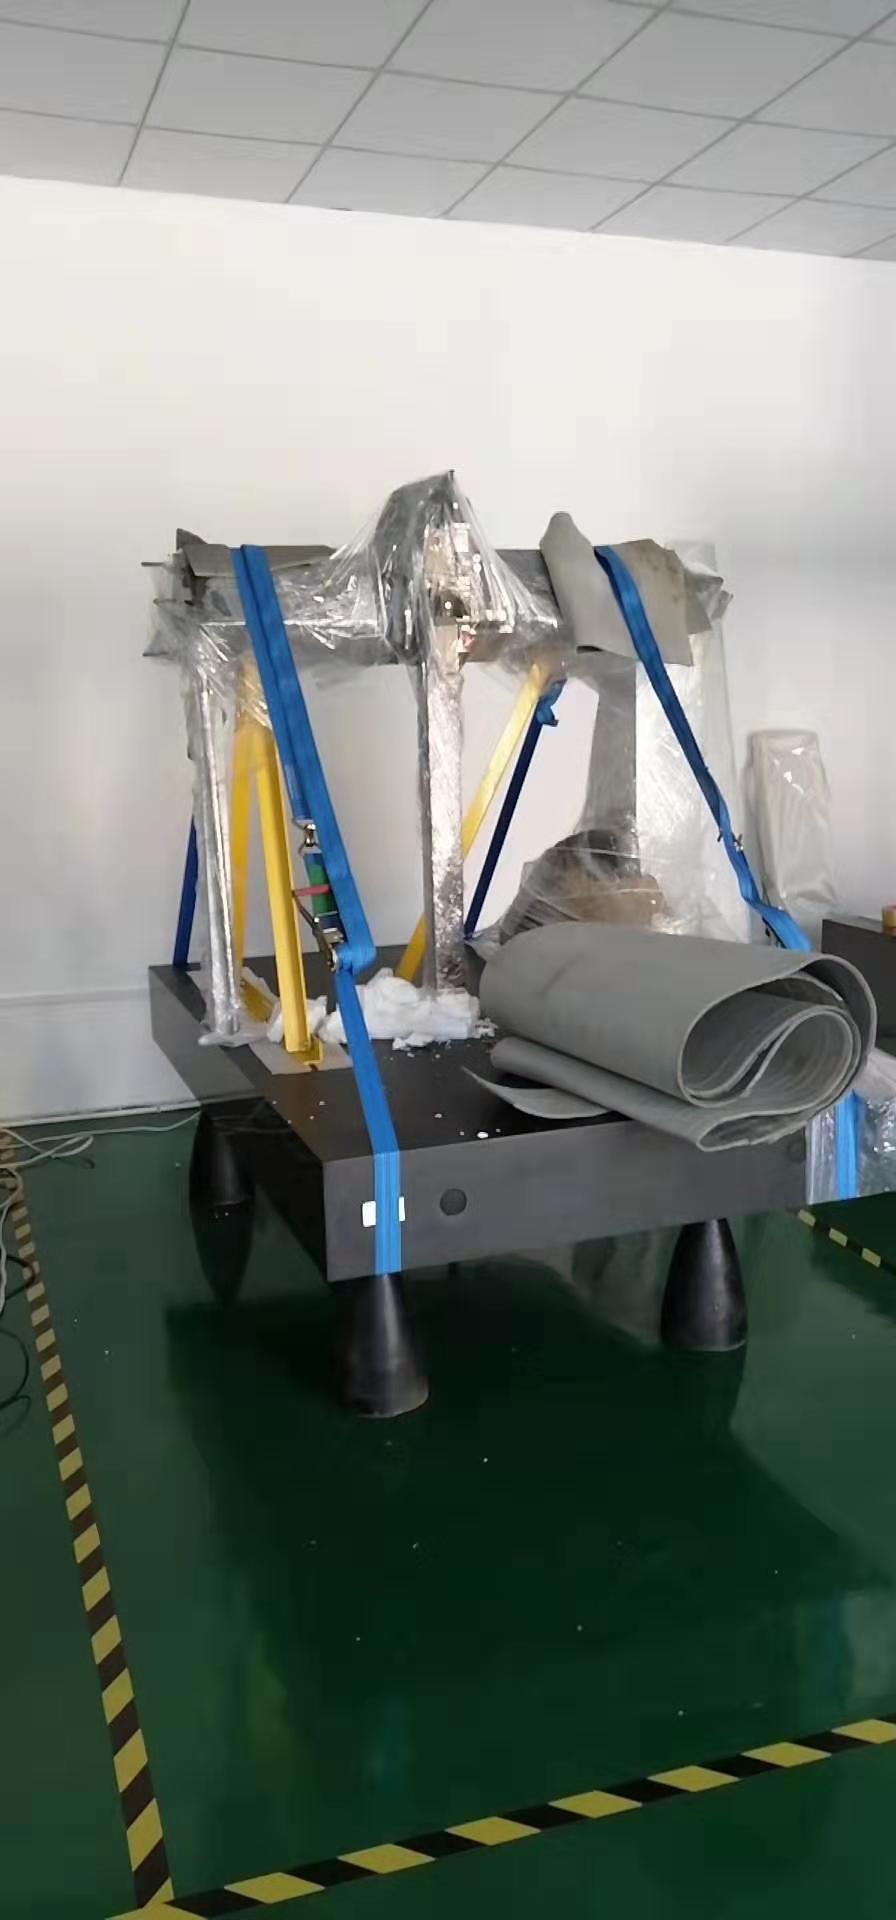 闵行区二手三坐标测量机回收报价「昆山鼎立德检测设备供应」